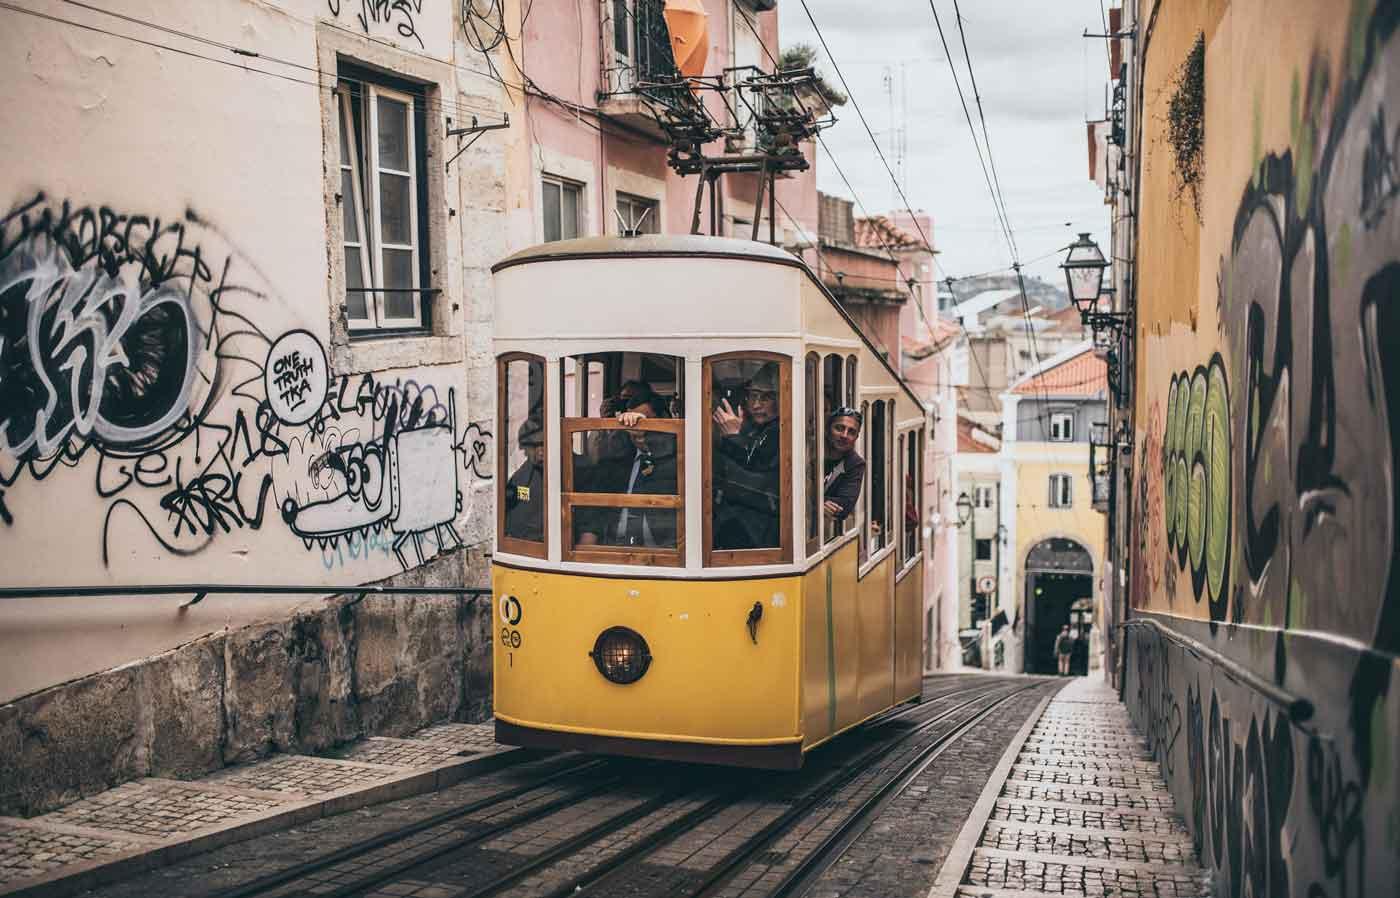 Lisbona, città da scoprire ed ammirare • Gerardo Pandolfi